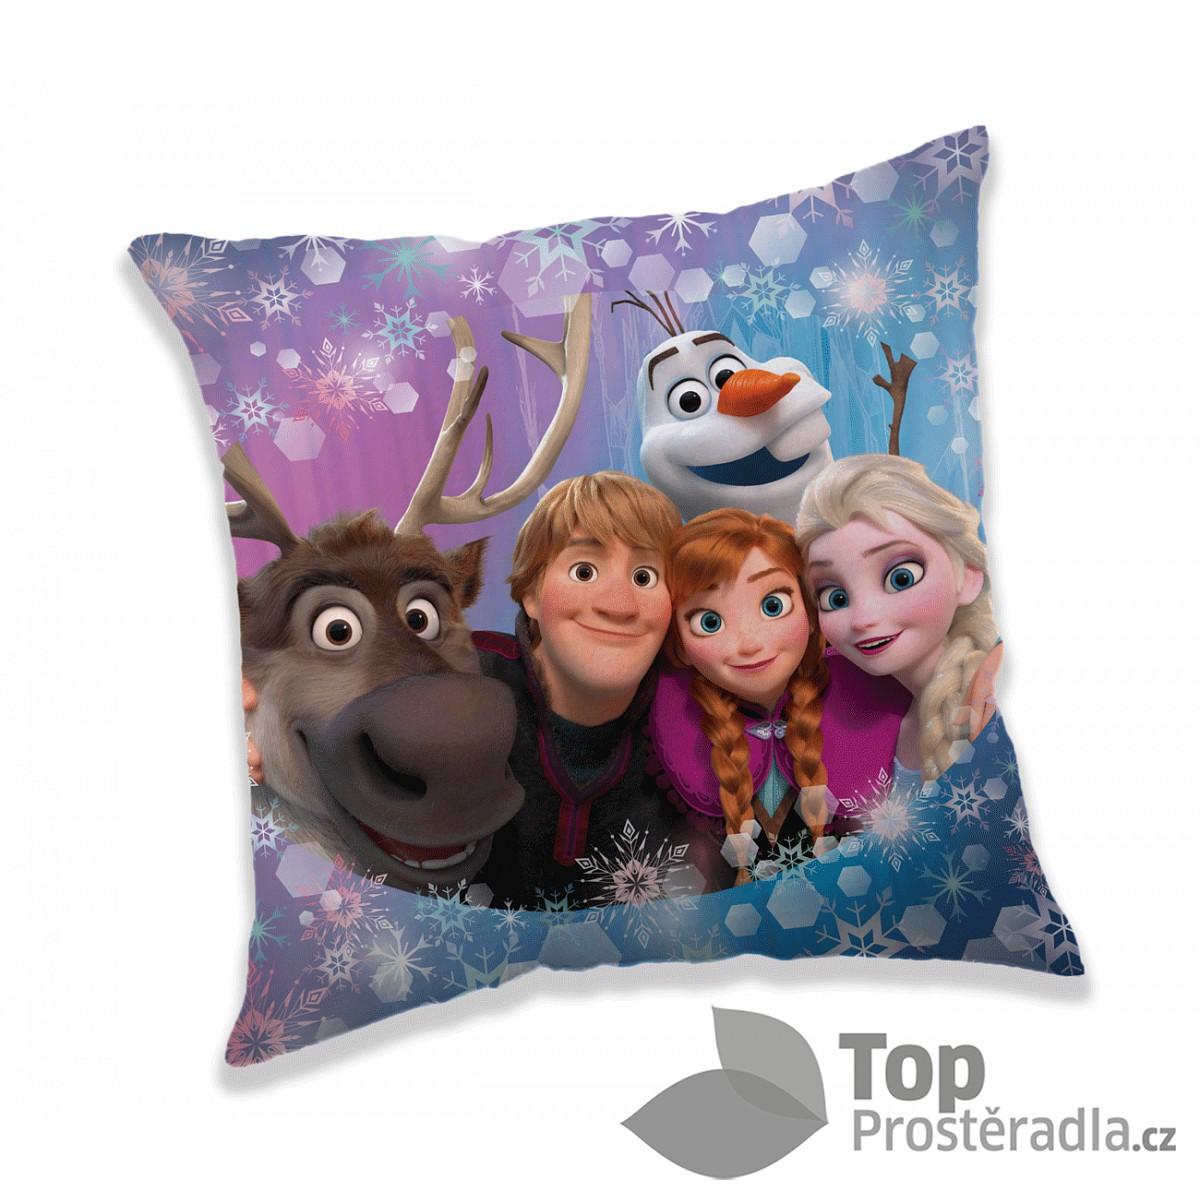 Dekorační polštářek 40x40 cm - Frozen family